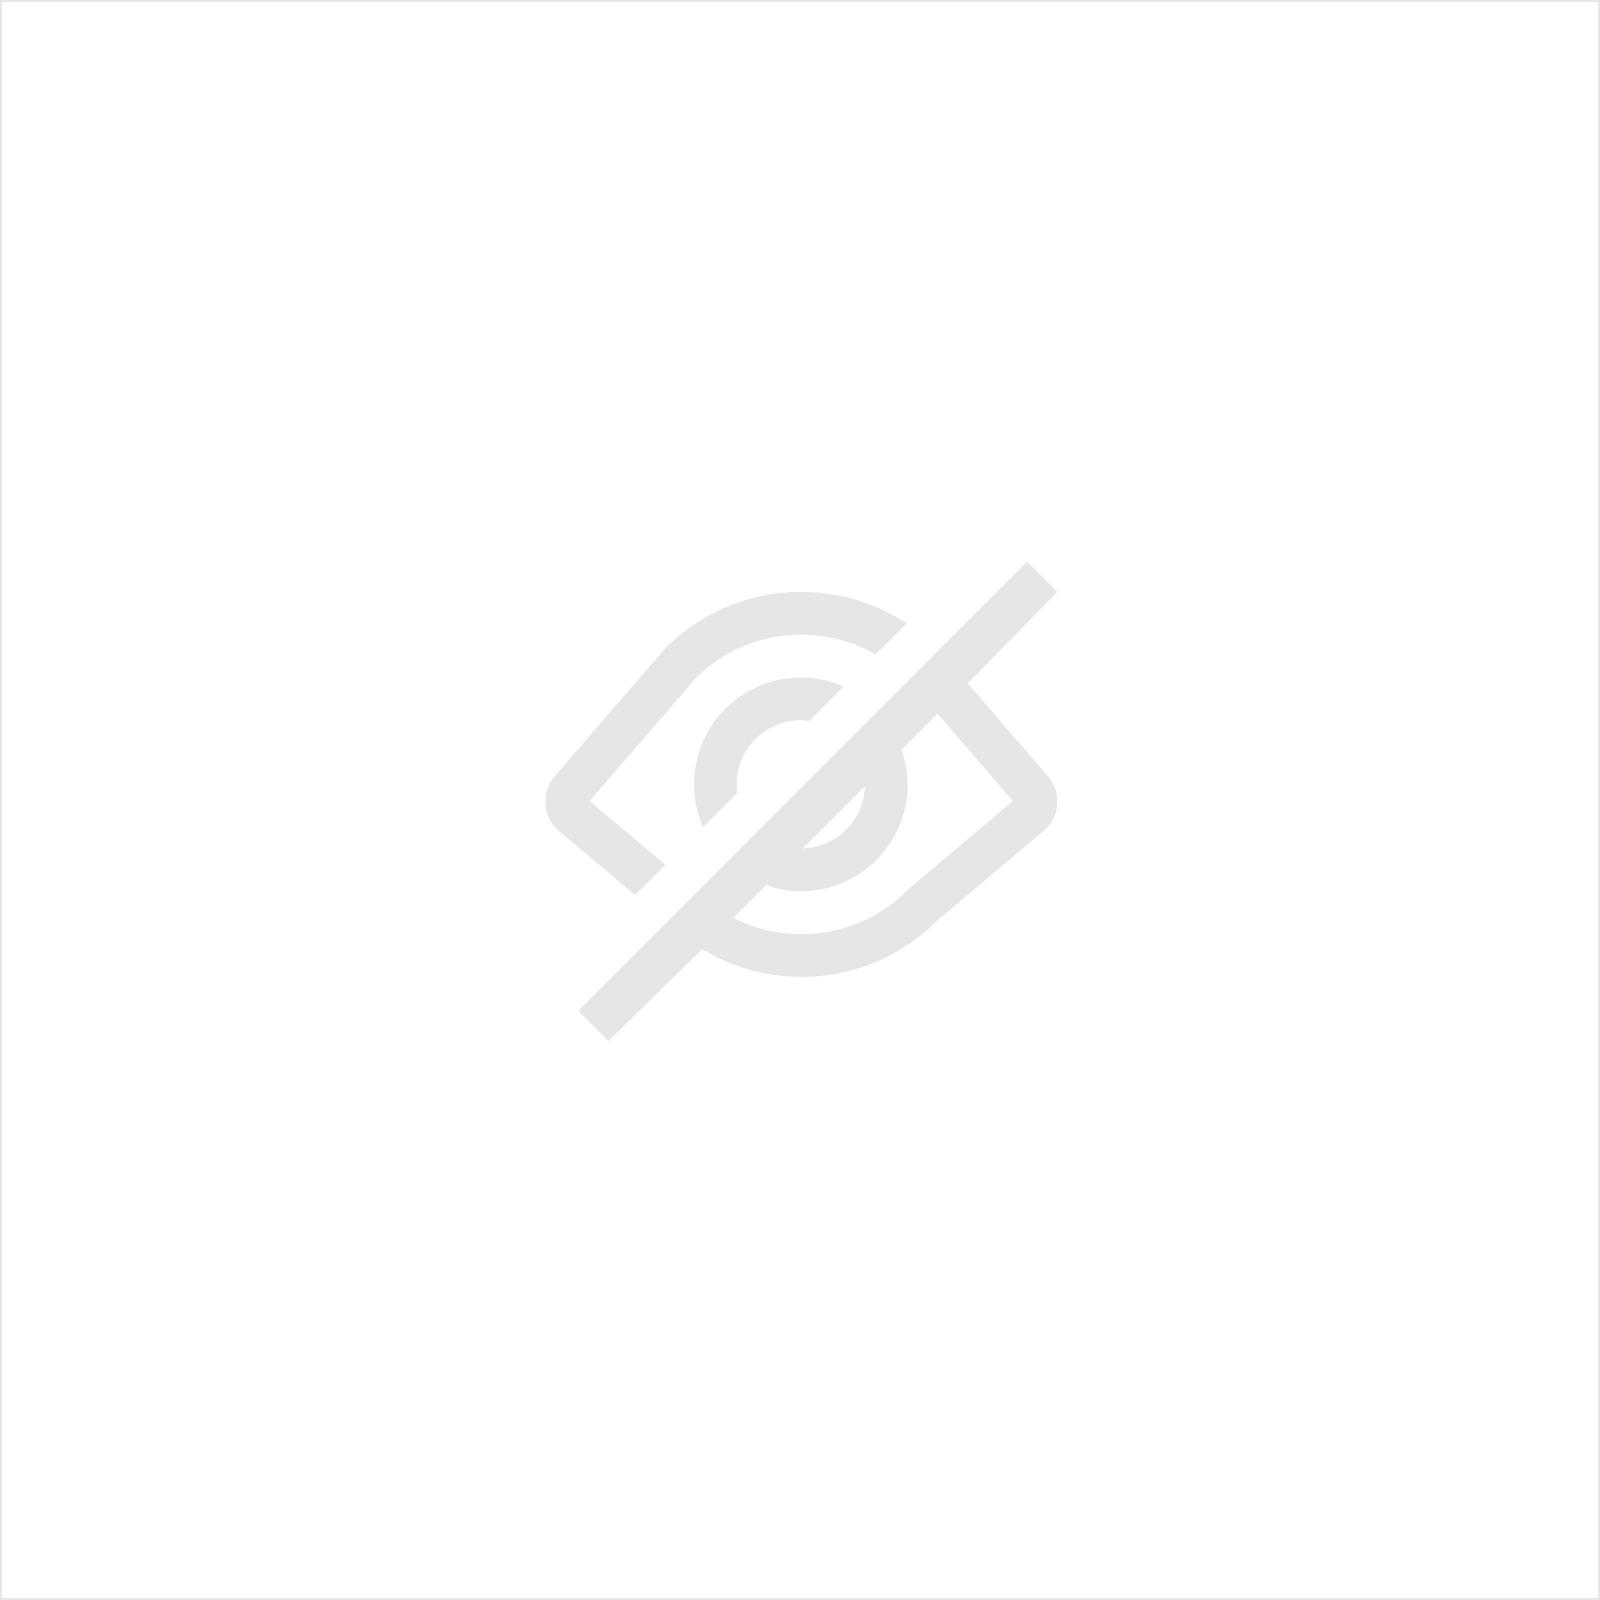 MINI ROLPLAATSCHAAR CAPACITEIT 0,8 MM